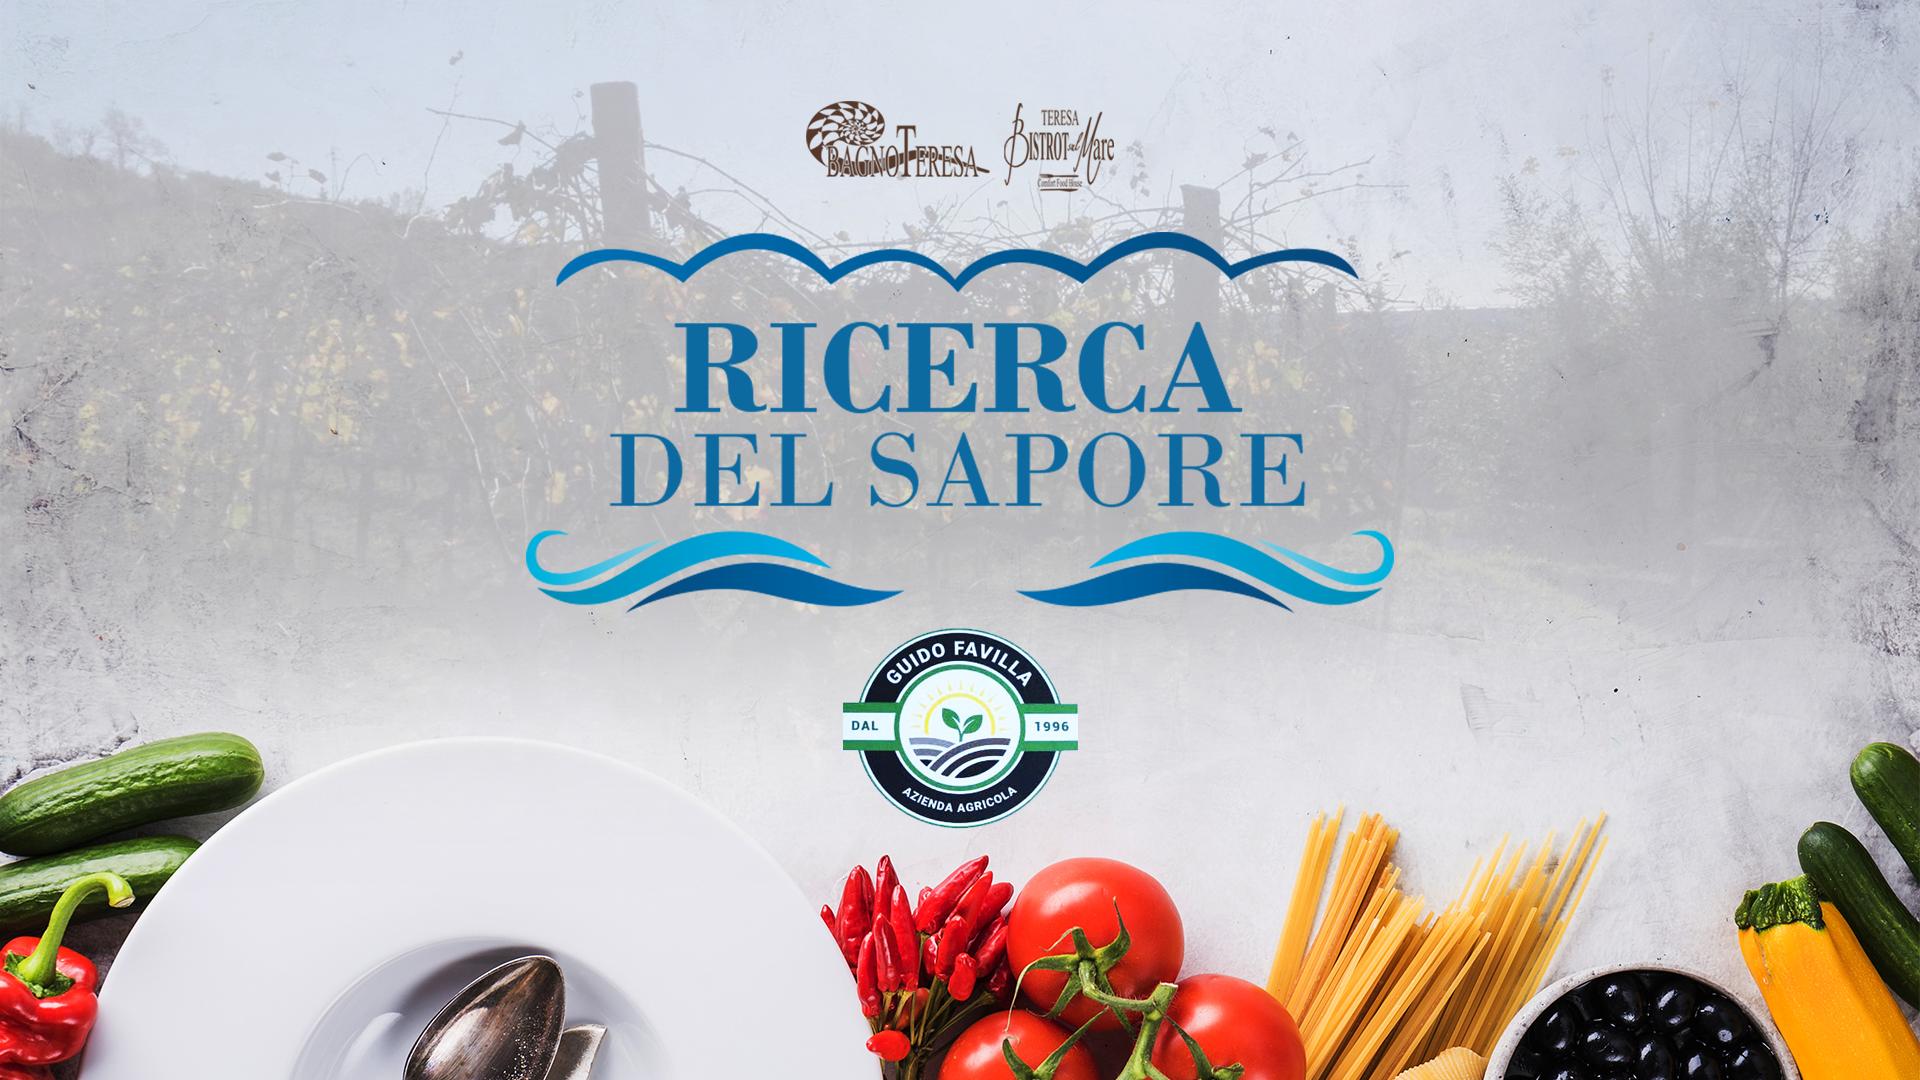 Ricerca del sapore azienda agricola favilla bagno teresa - Bagno guido viareggio ...